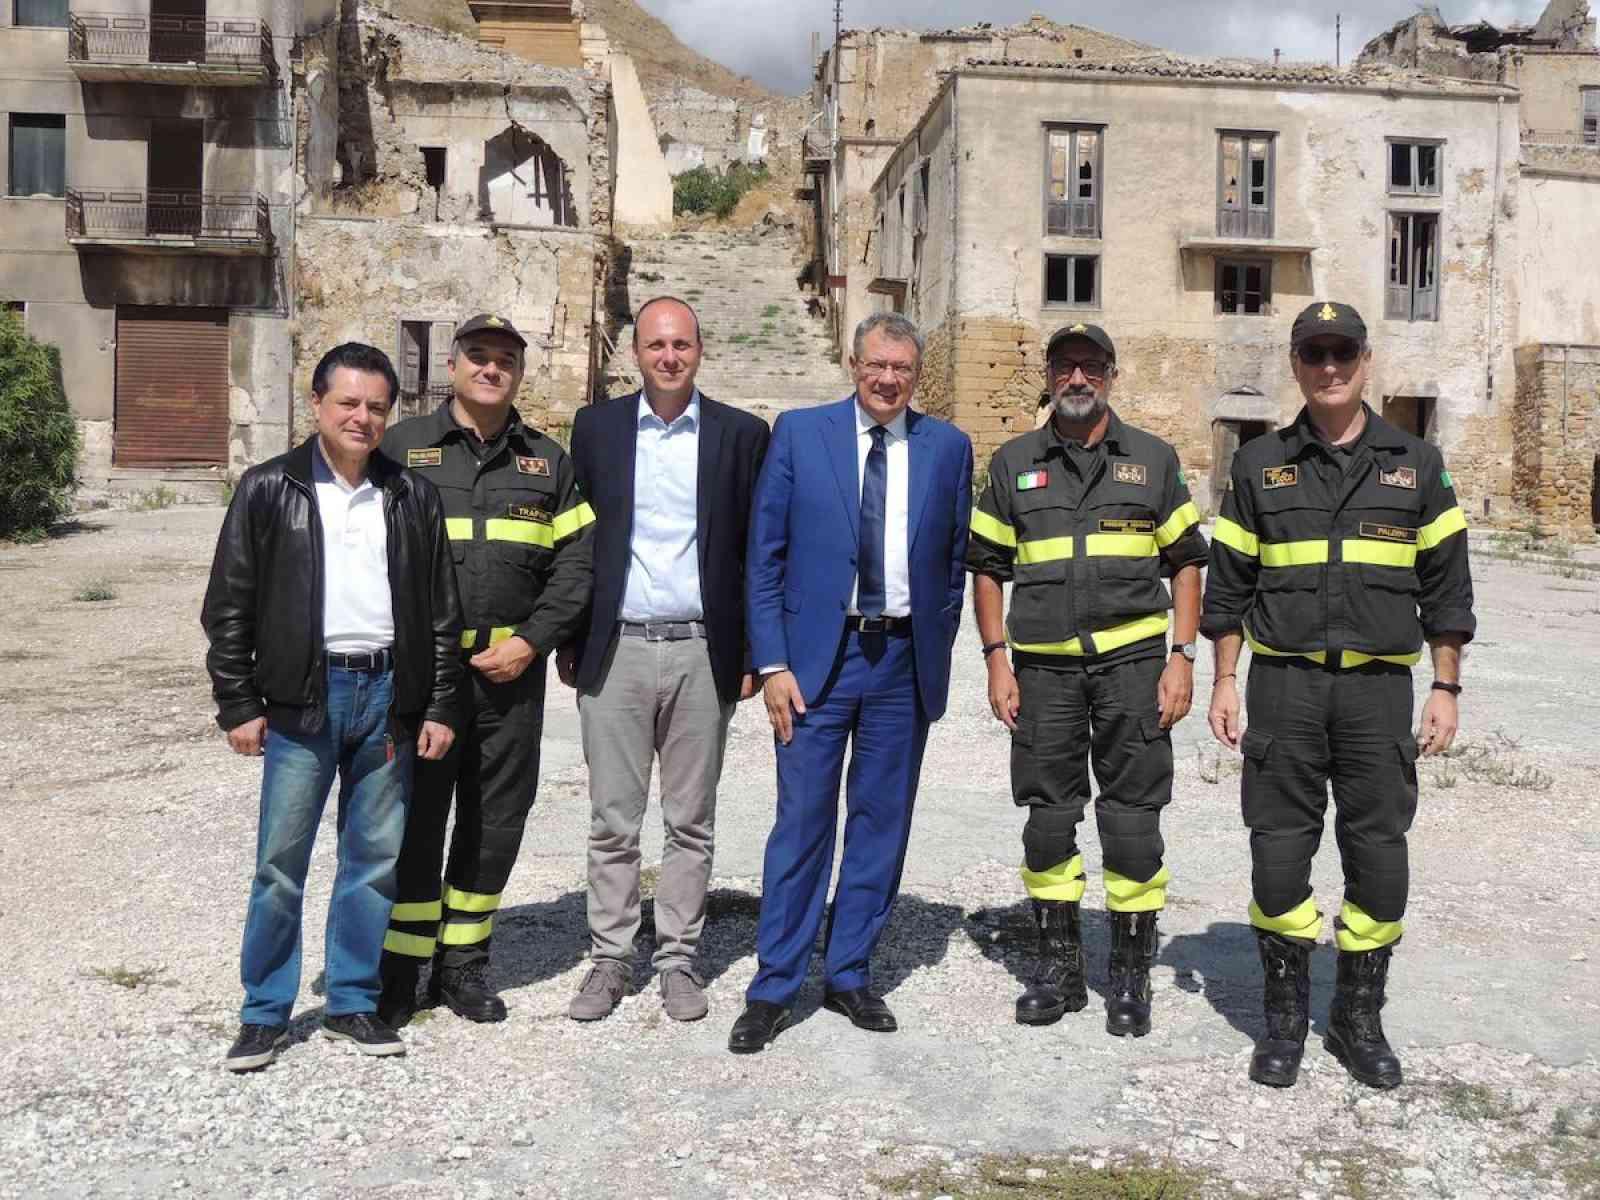 Il Prefetto di Trapani visita l'esercitazione svolta presso i ruderi di Poggioreale